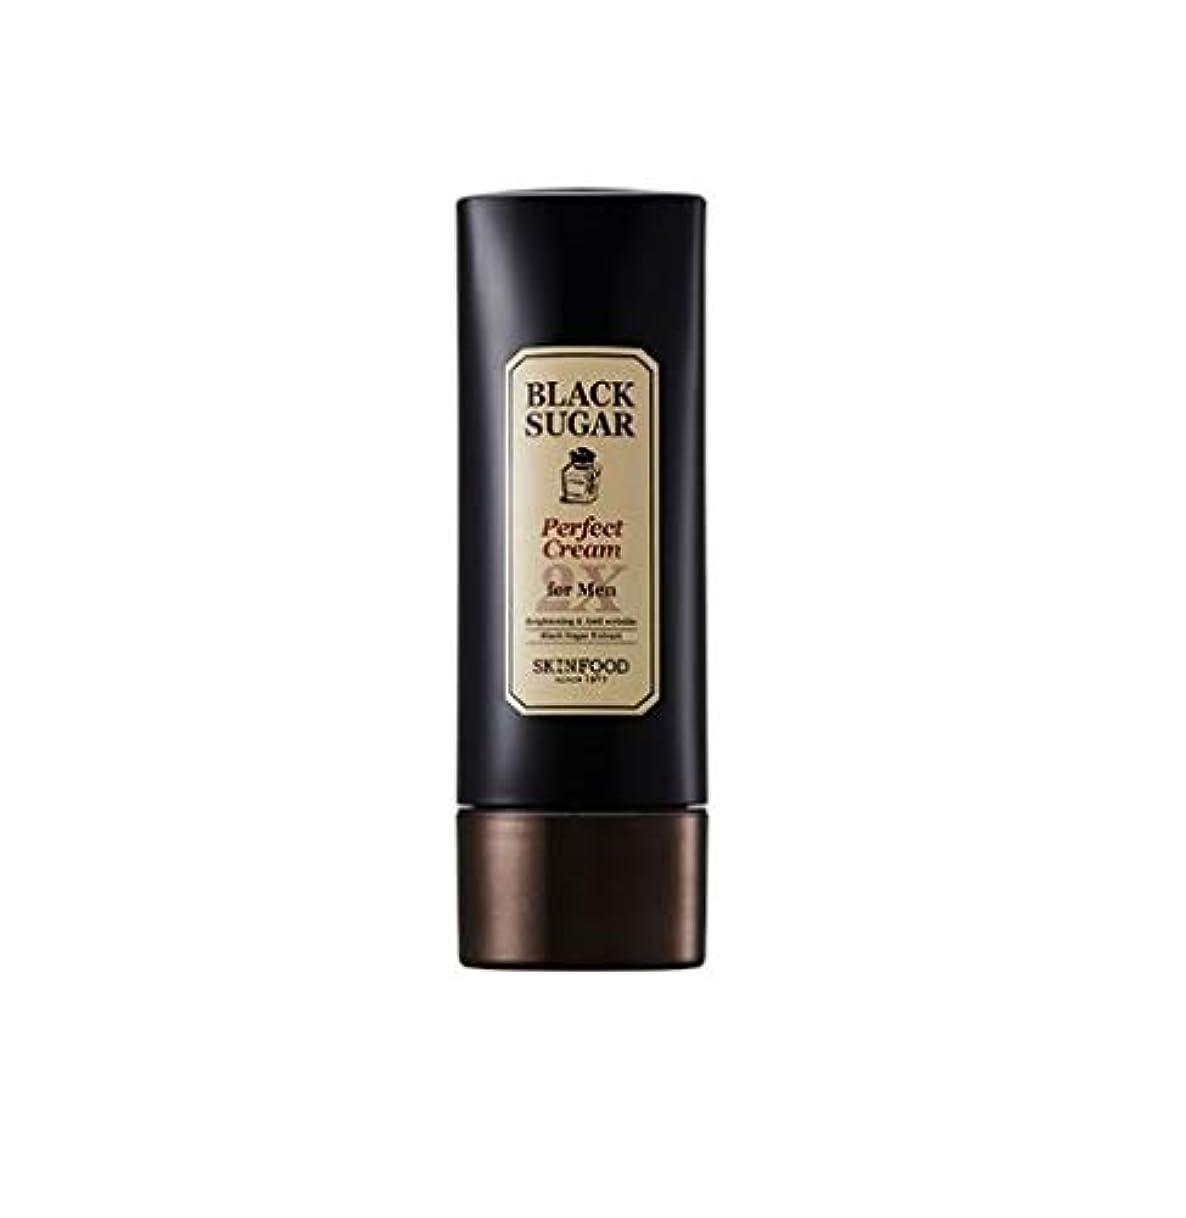 電気的ディスコ更新Skinfood 男性用ブラックシュガーパーフェクトクリーム2X / Black Sugar Perfect Cream 2X for Men 78ml [並行輸入品]